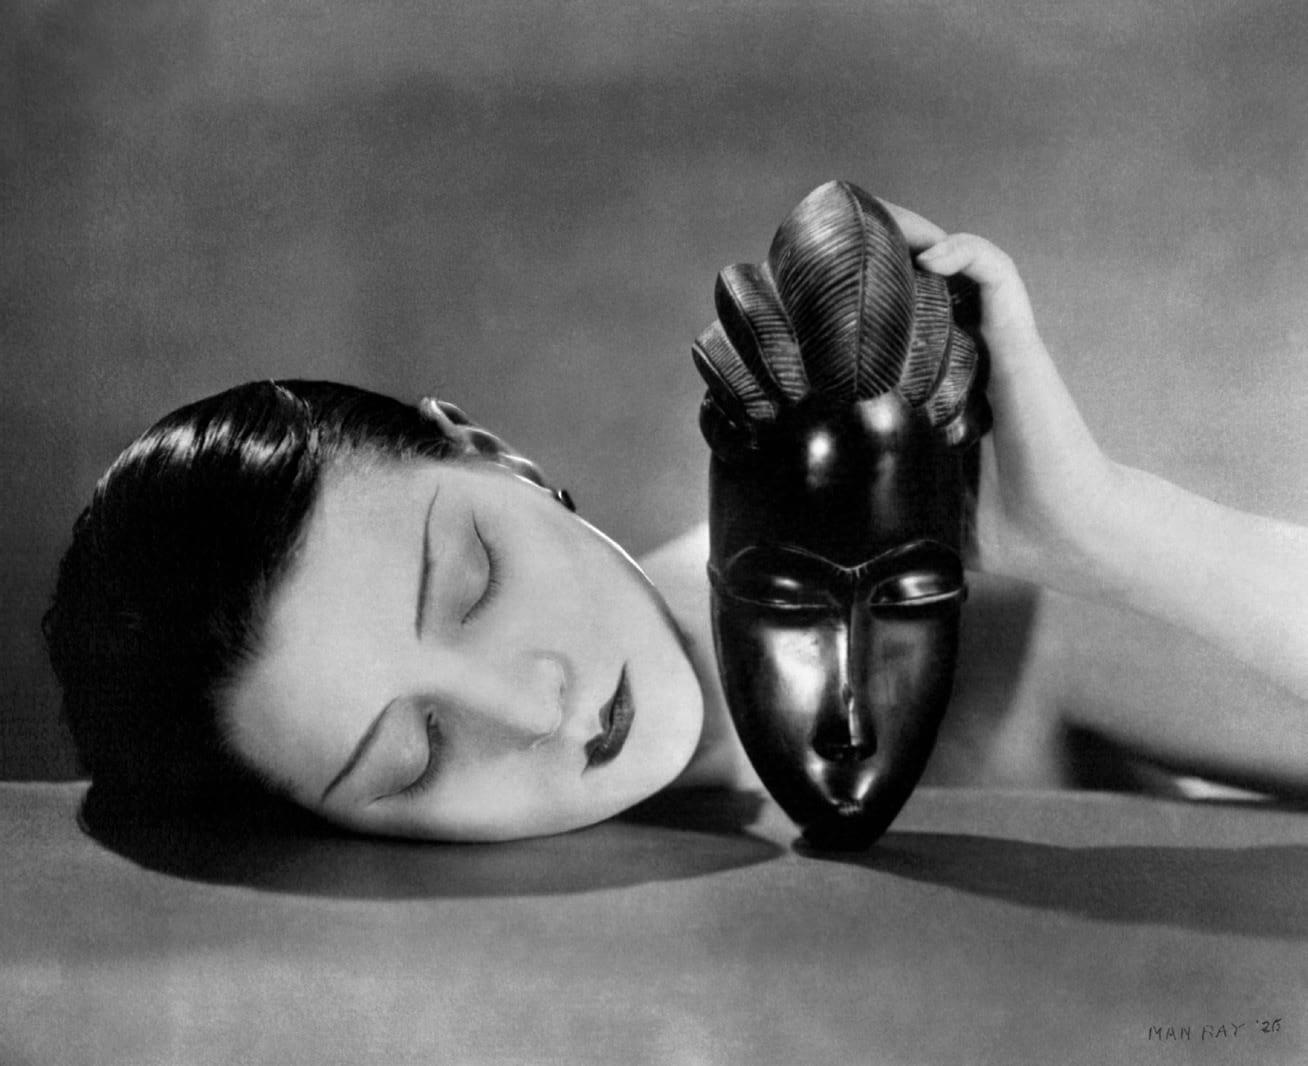 Man Ray, Noire et Blanche, 1926